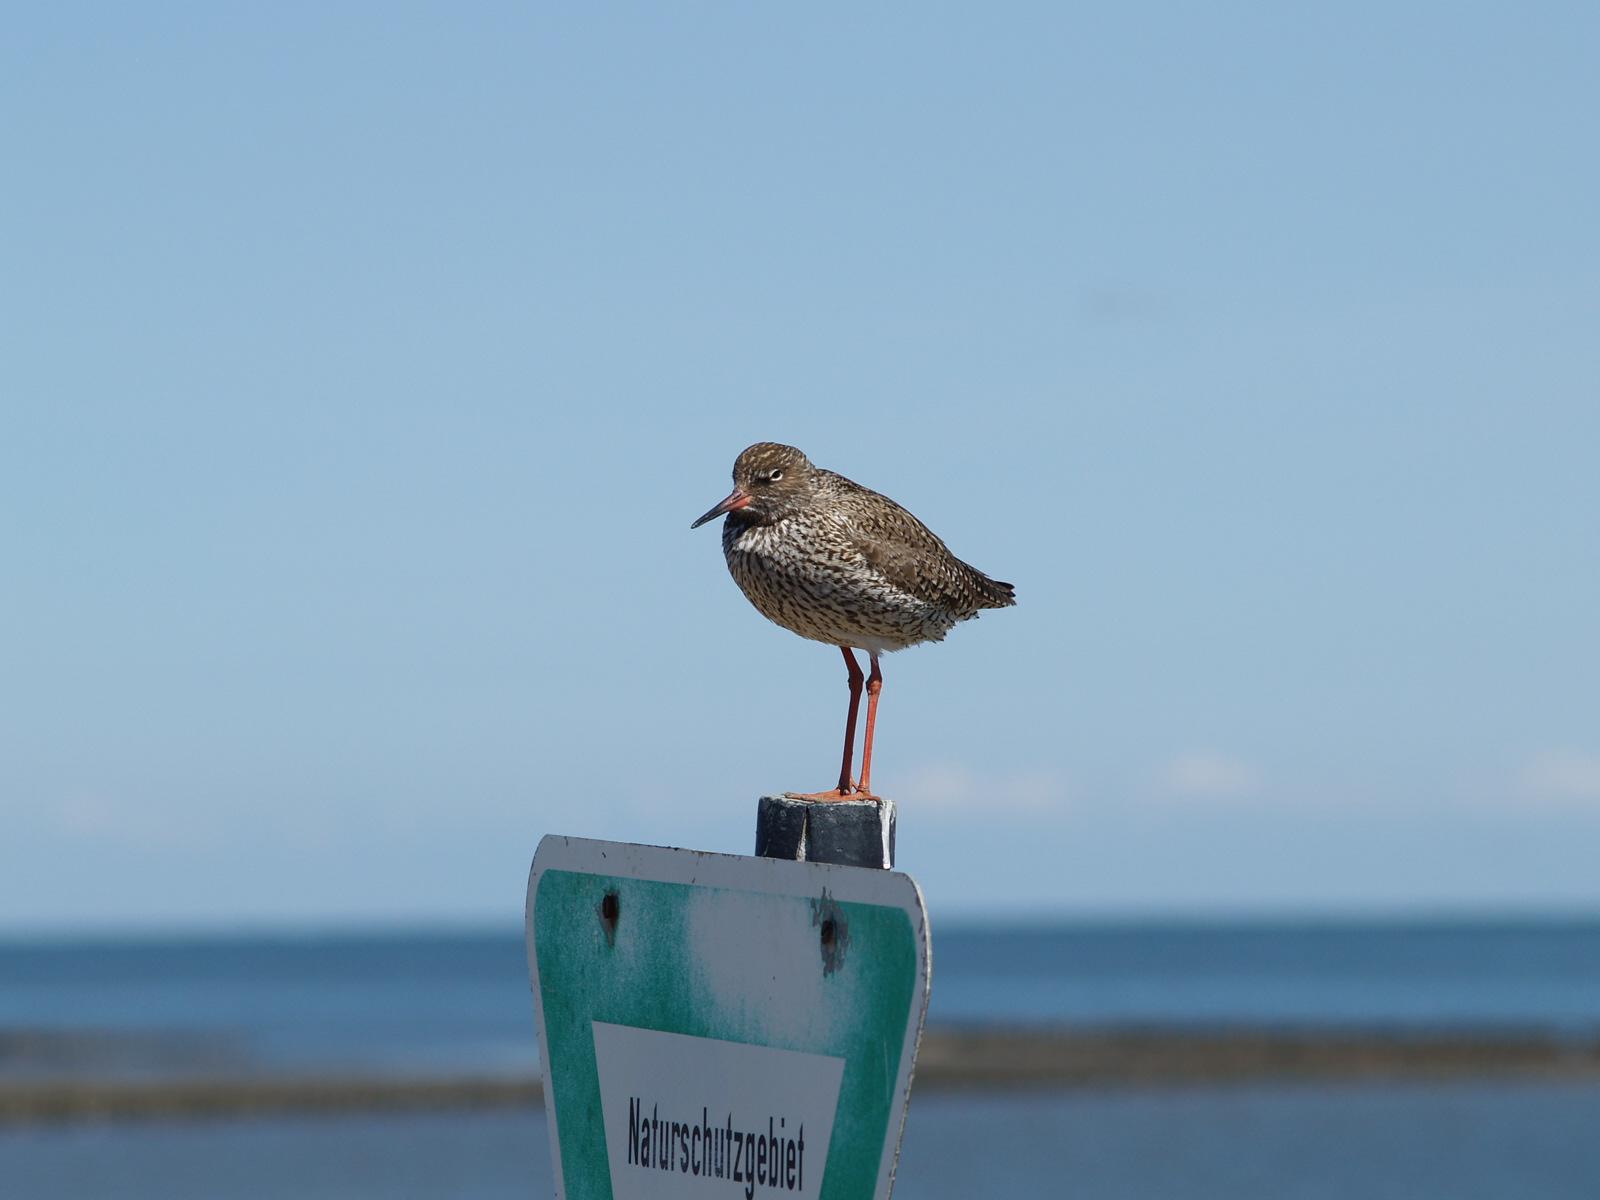 """Rotschenkel sitzt auf Pfosten im Wattenmeer mit Hinweisschild """"Naturschutzgebiet""""."""